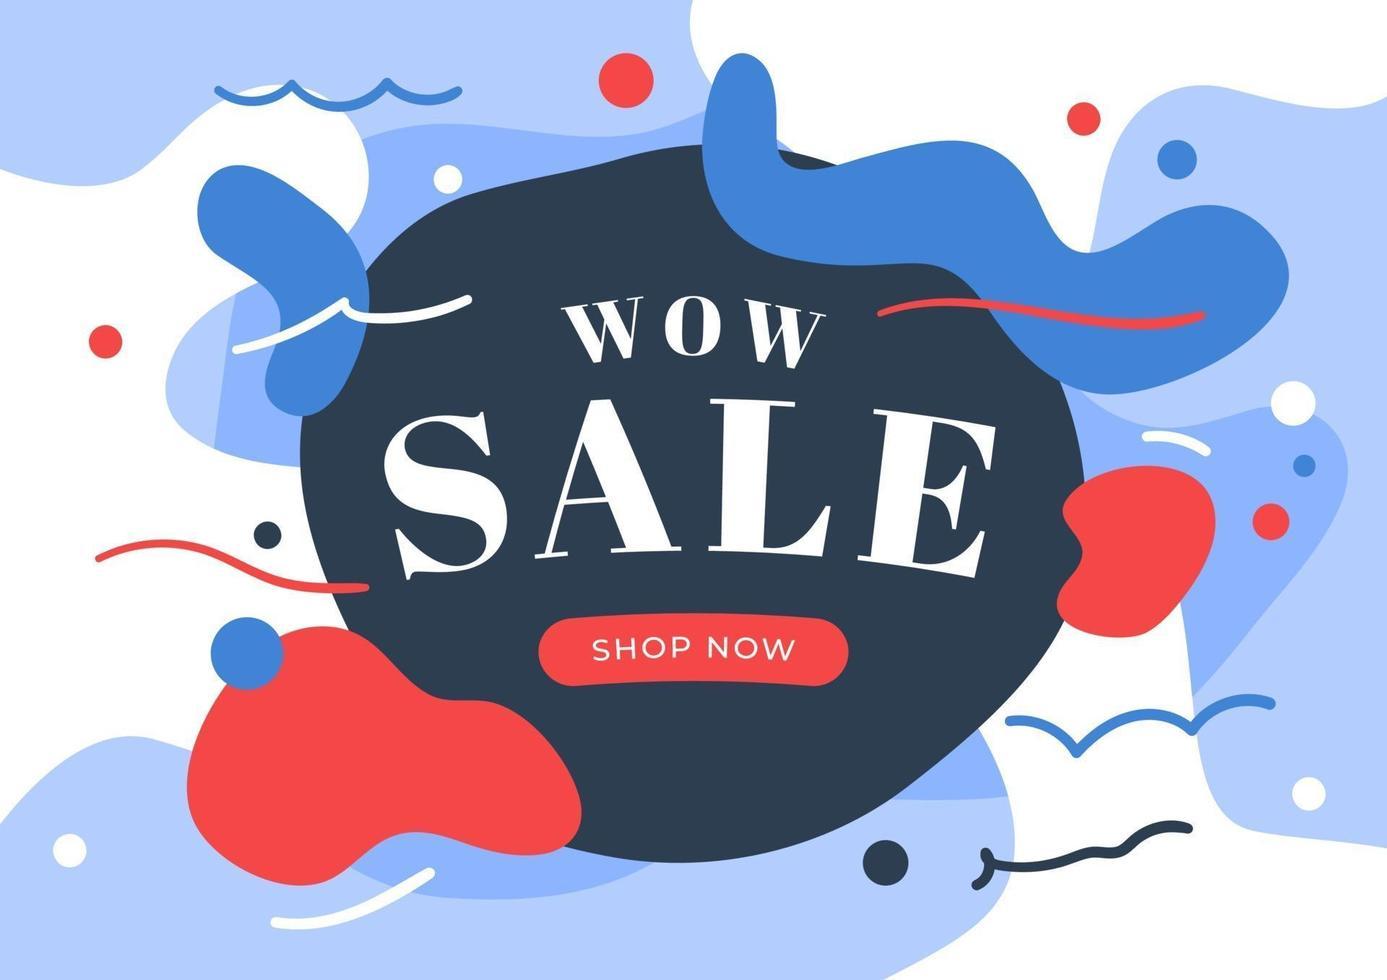 wow försäljning banner mall design. försäljning på abstrakt bakgrundsvektorillustration. vektor